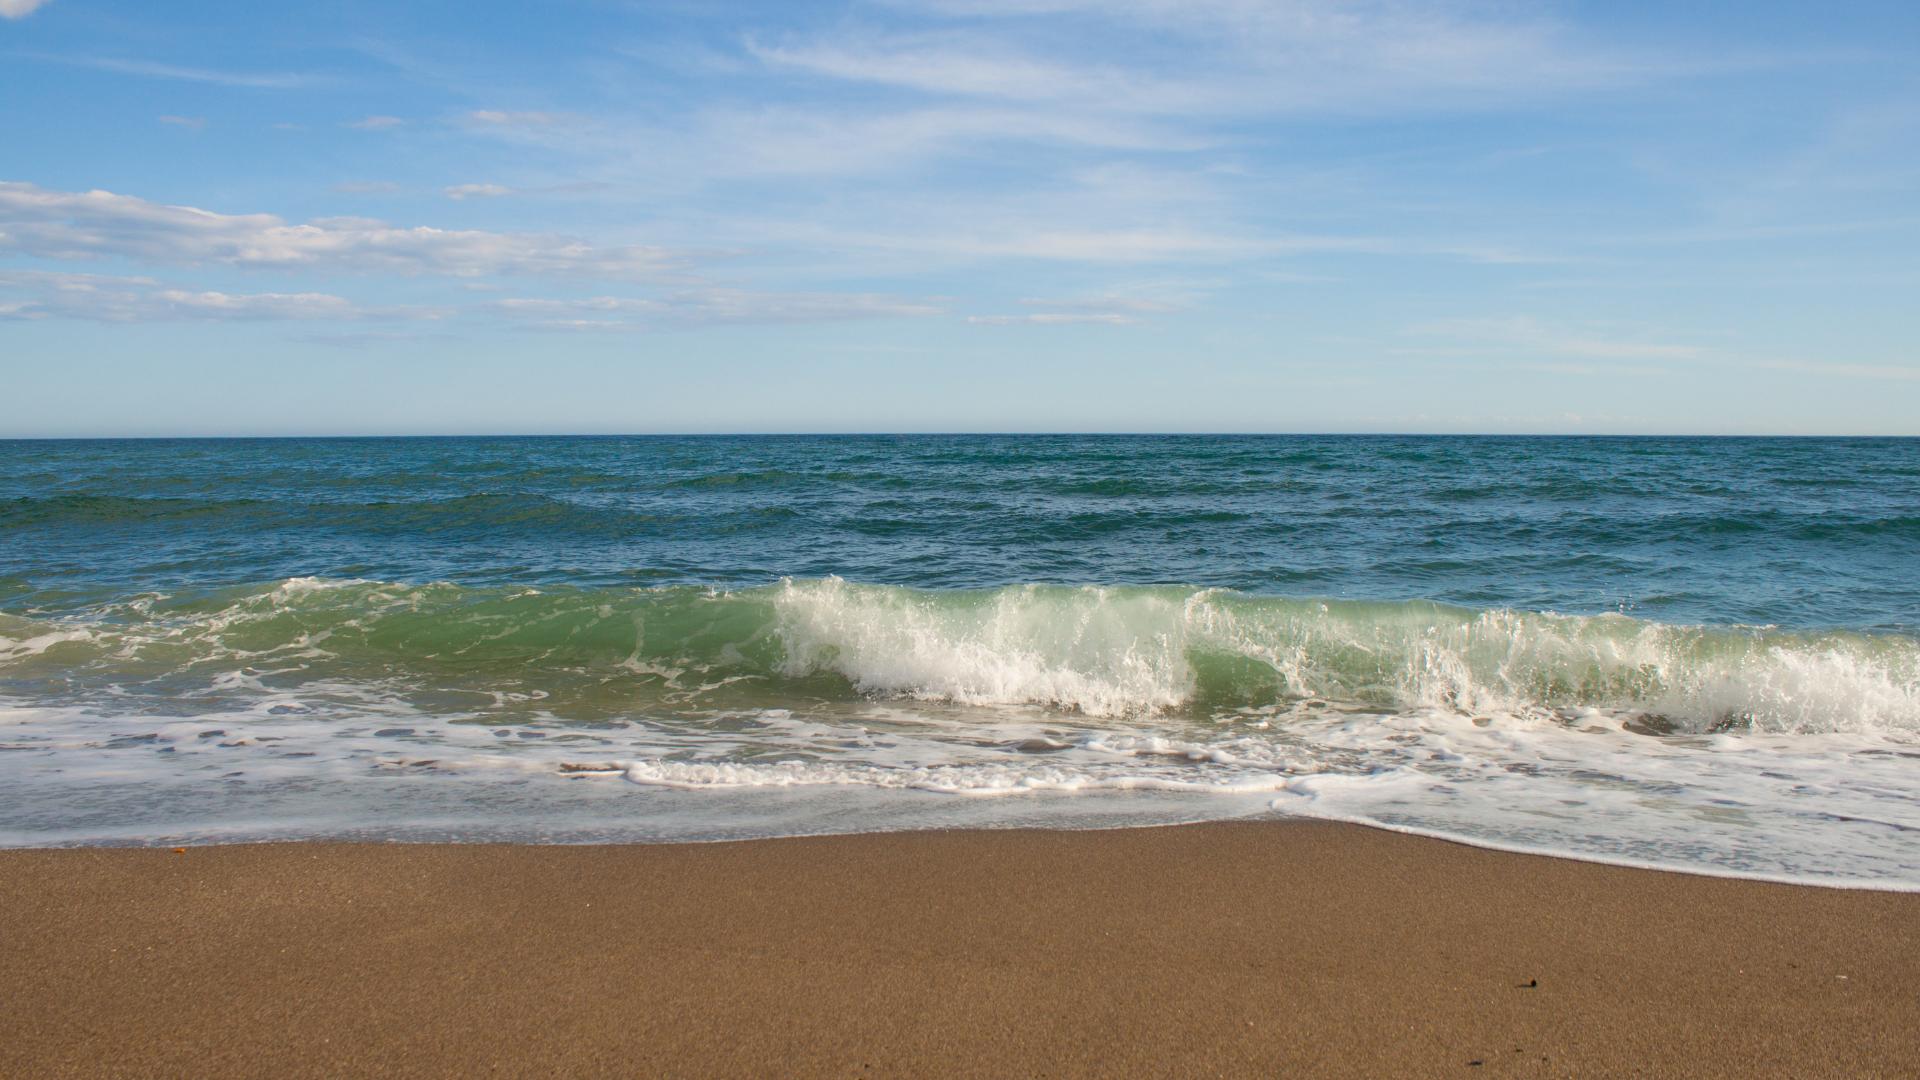 playa de Marbella en España